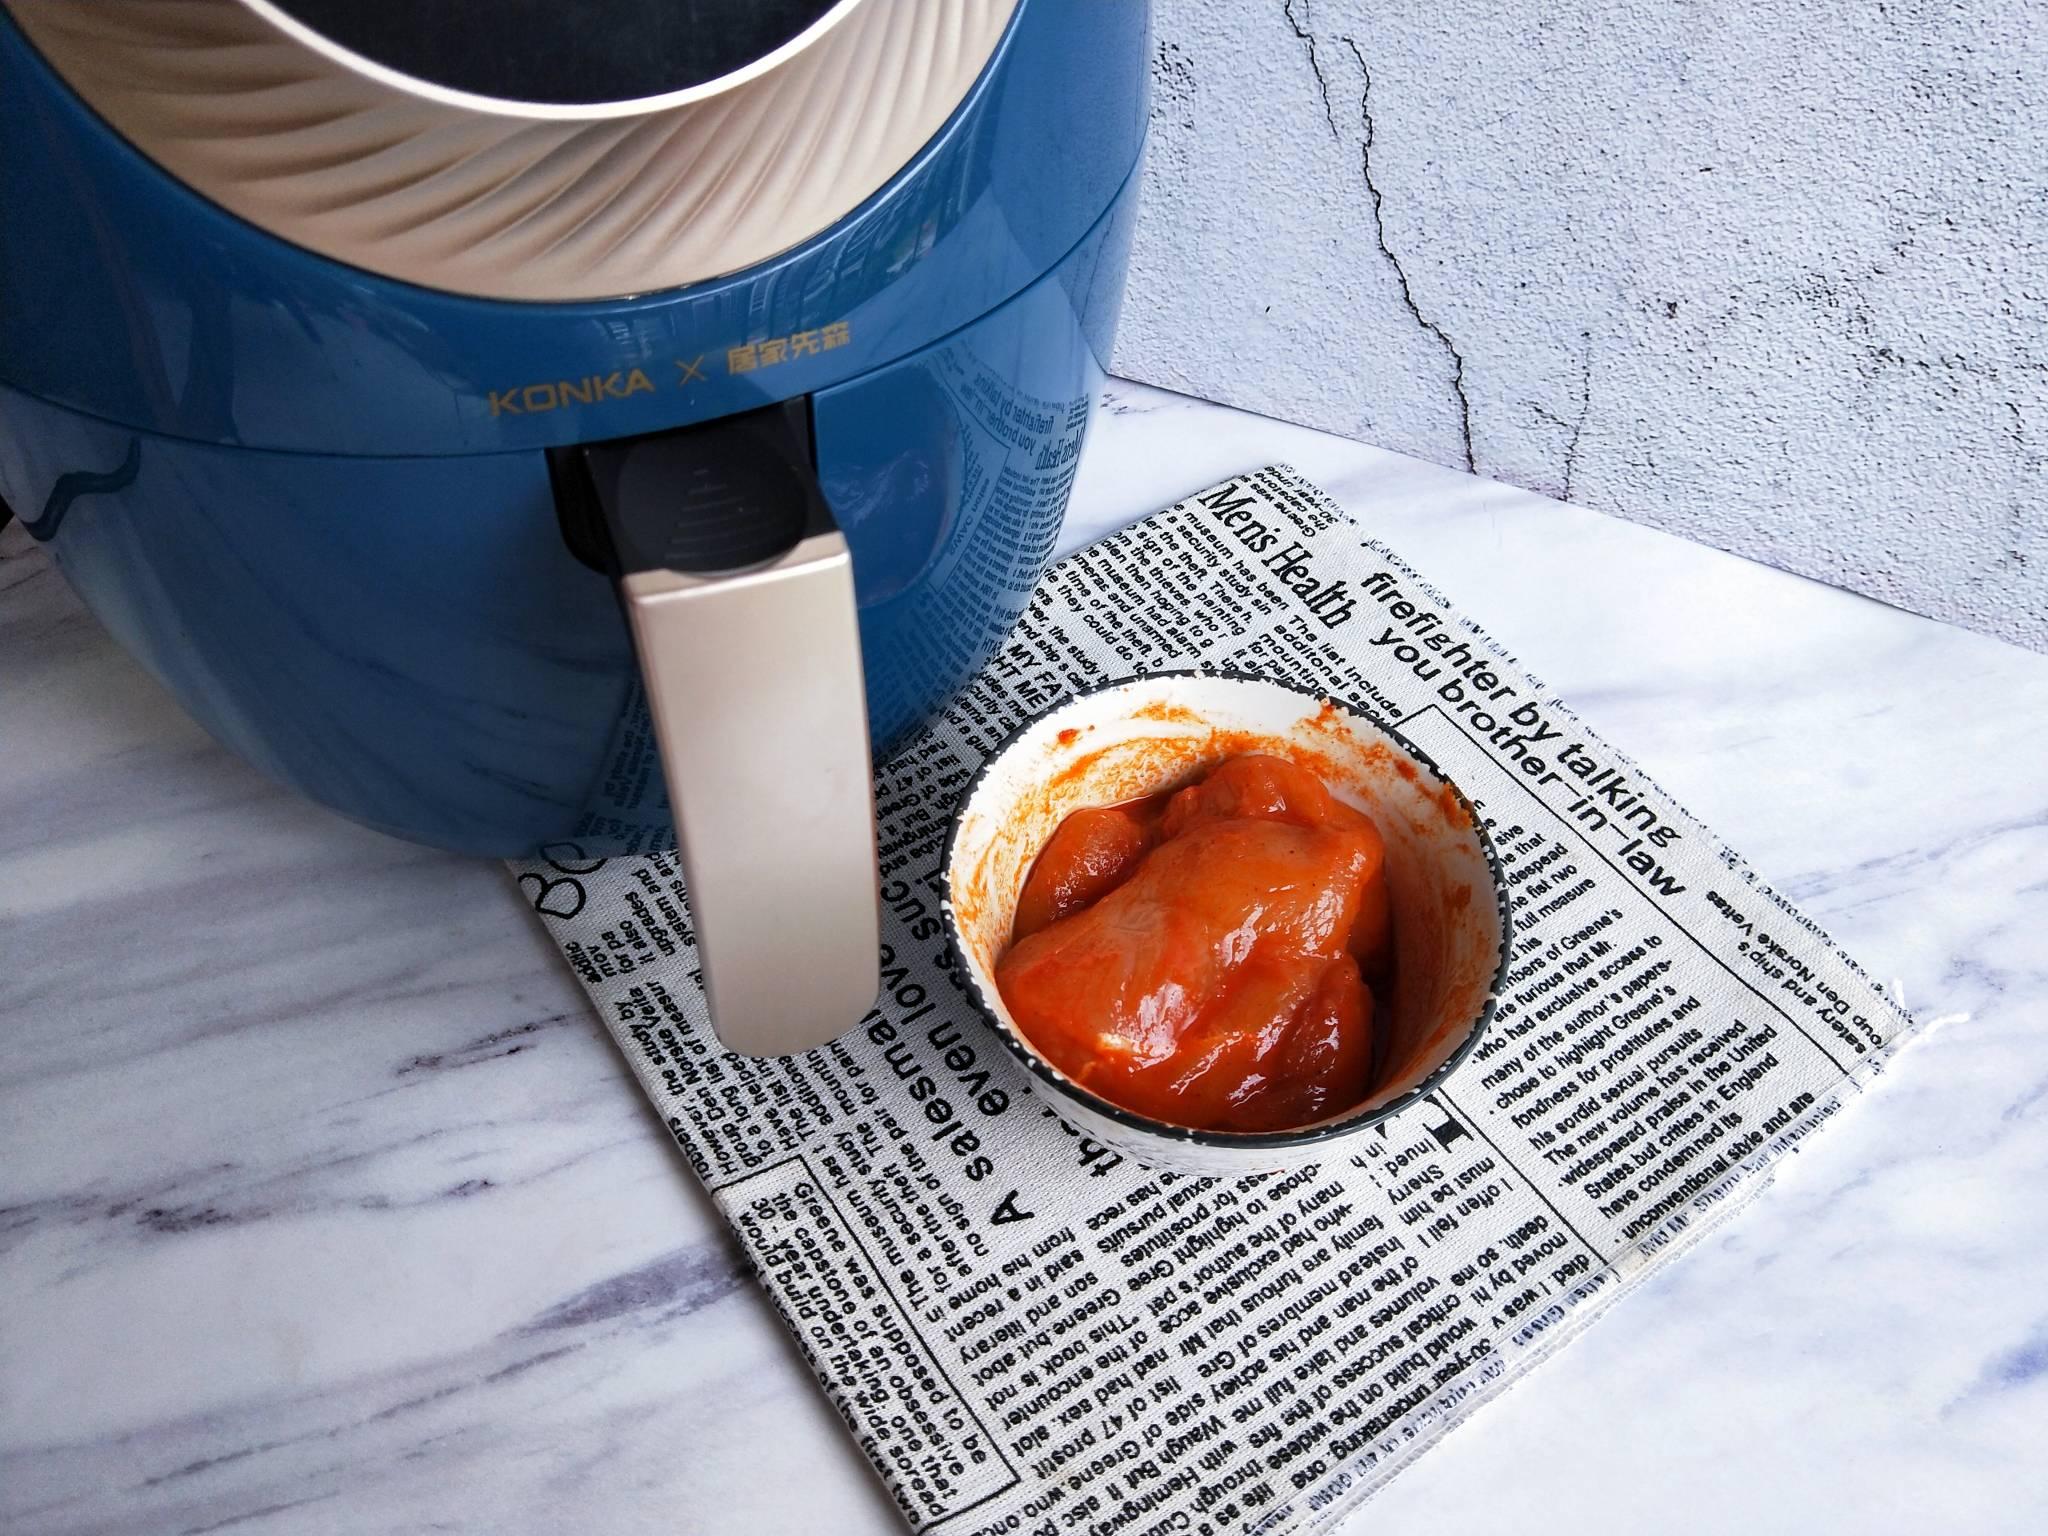 空气炸锅做的鸡扒,无油低脂可香了的简单做法